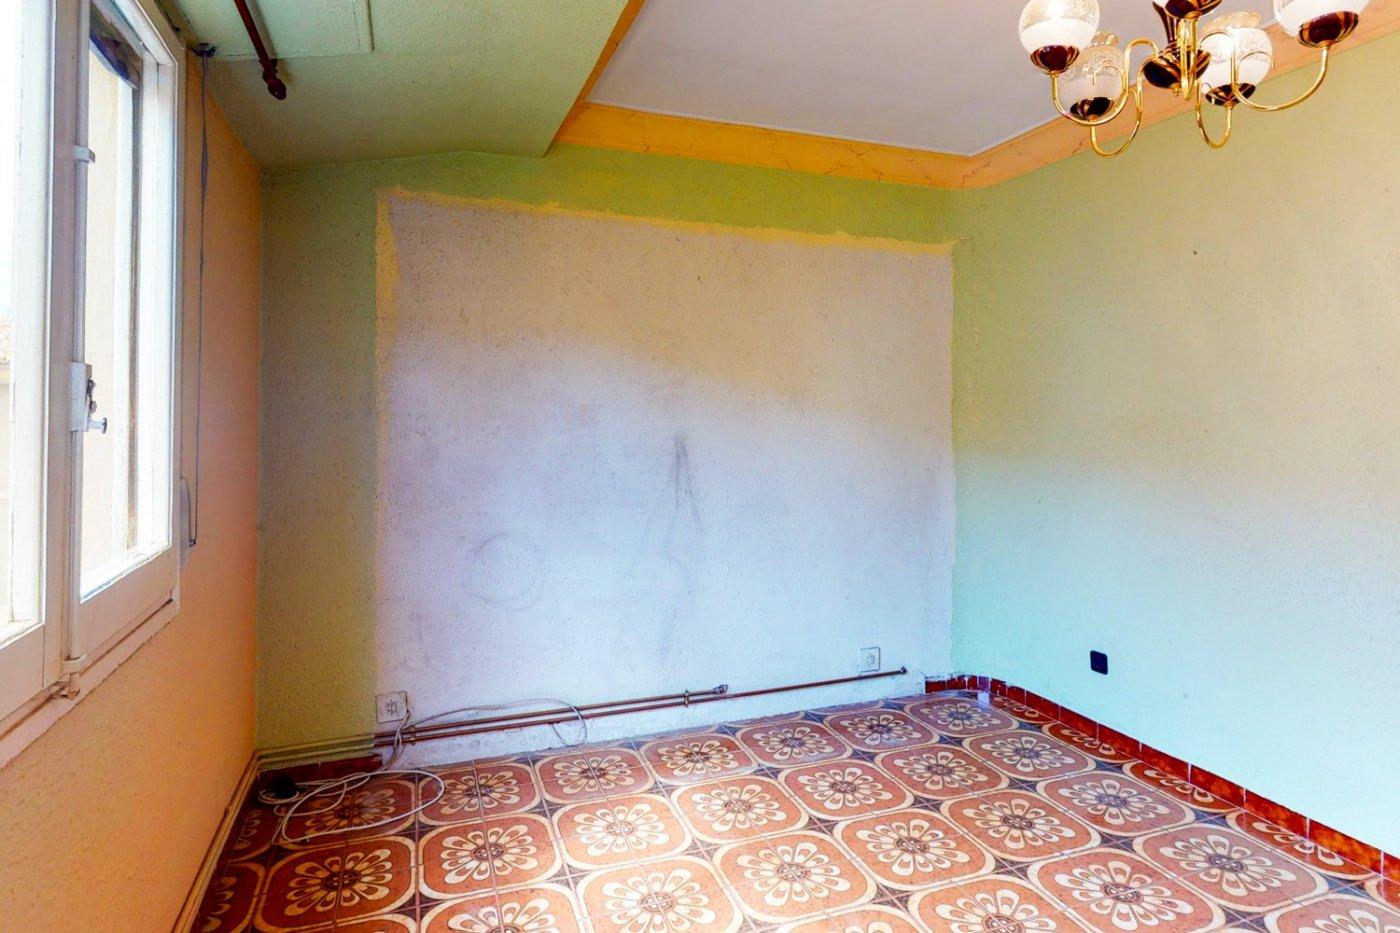 Piso a la venta en c/ lugo, exterior, de tres dormitorios, salon, cocina y baÑo. - imagenInmueble5